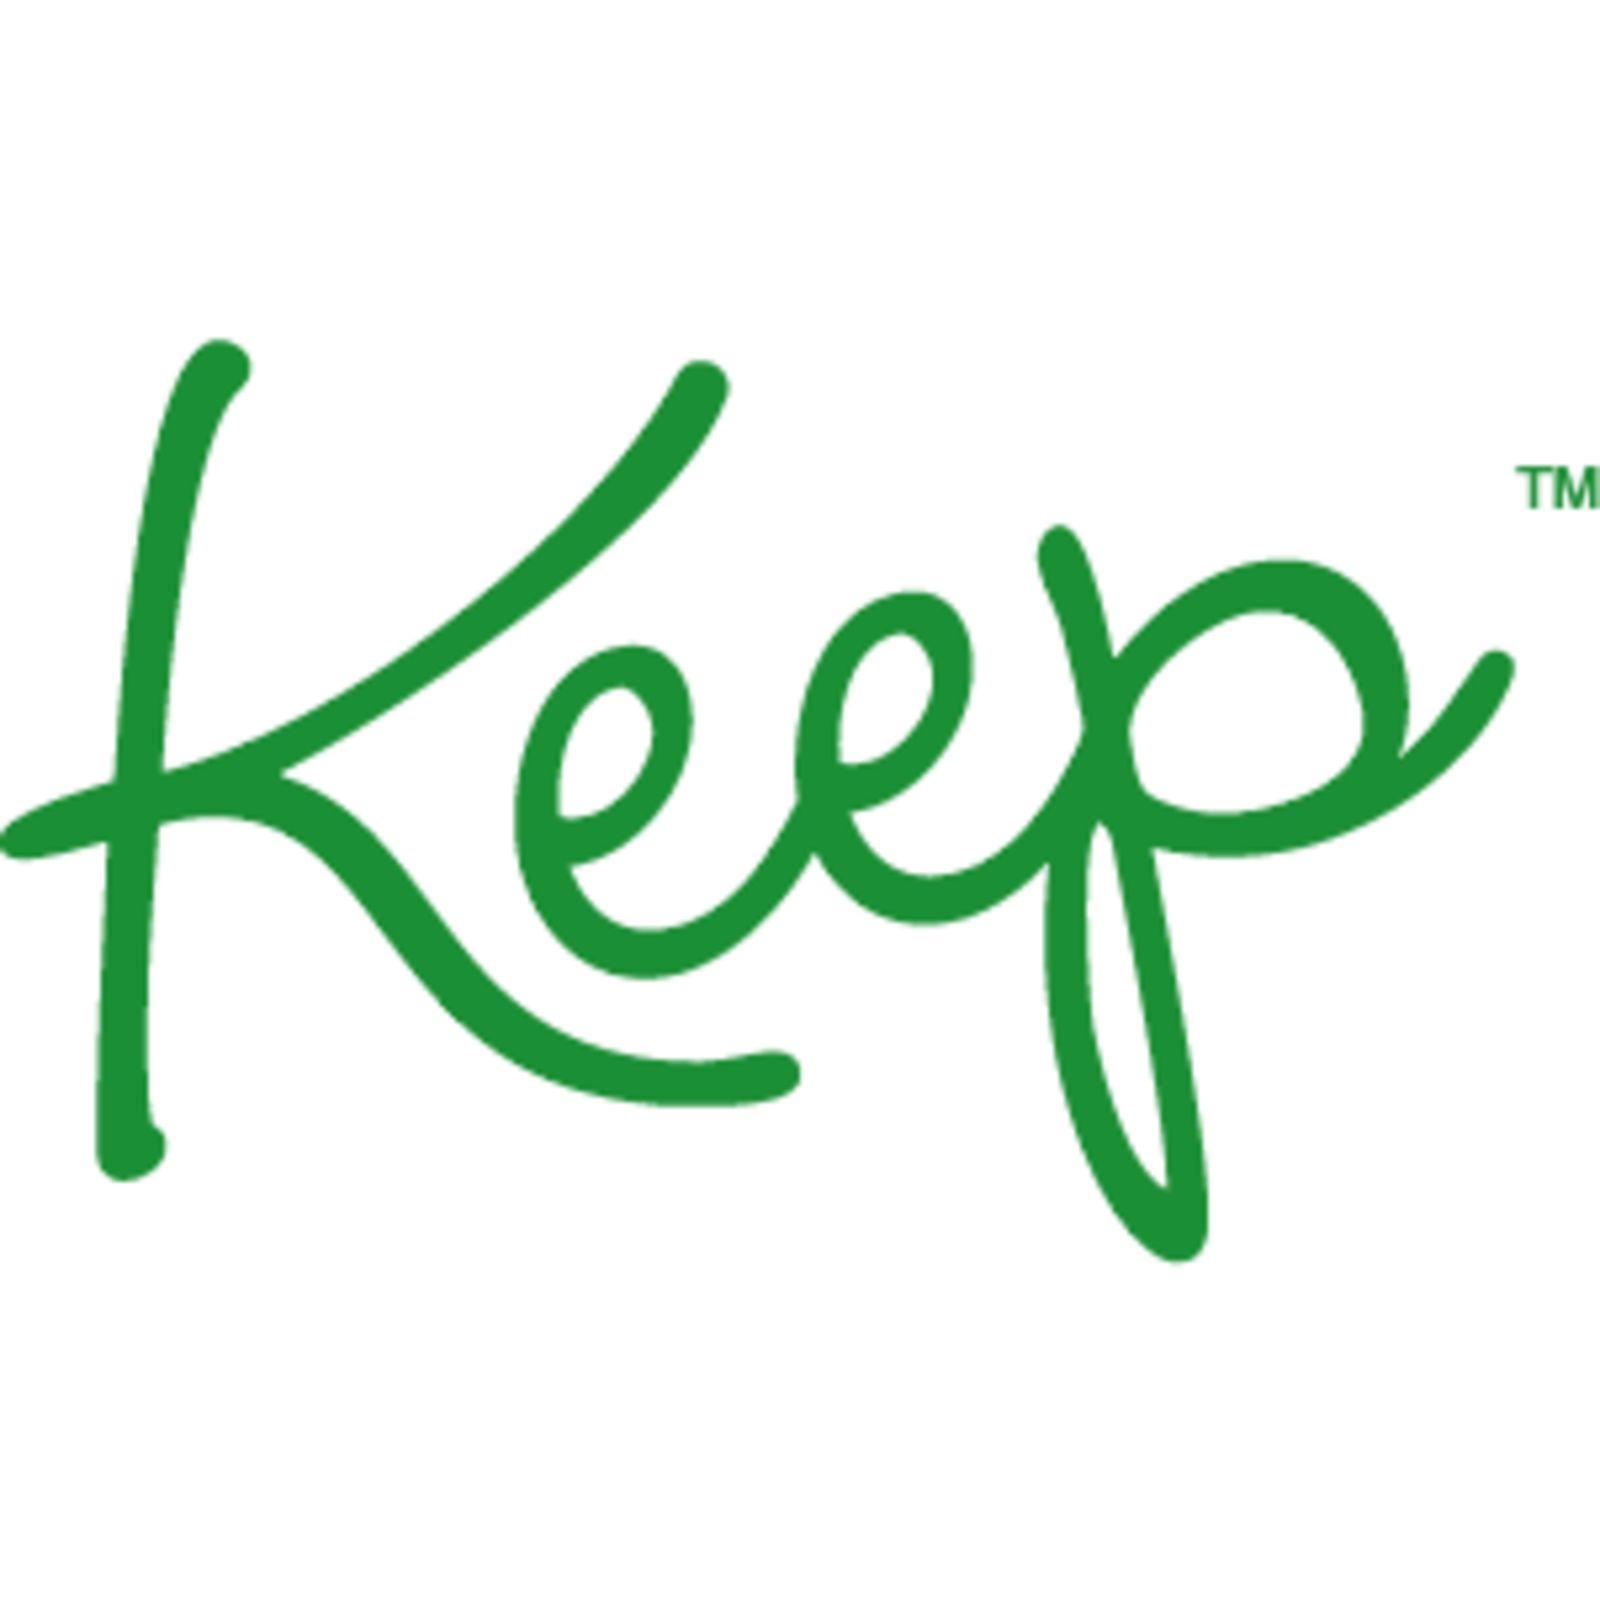 Keep®